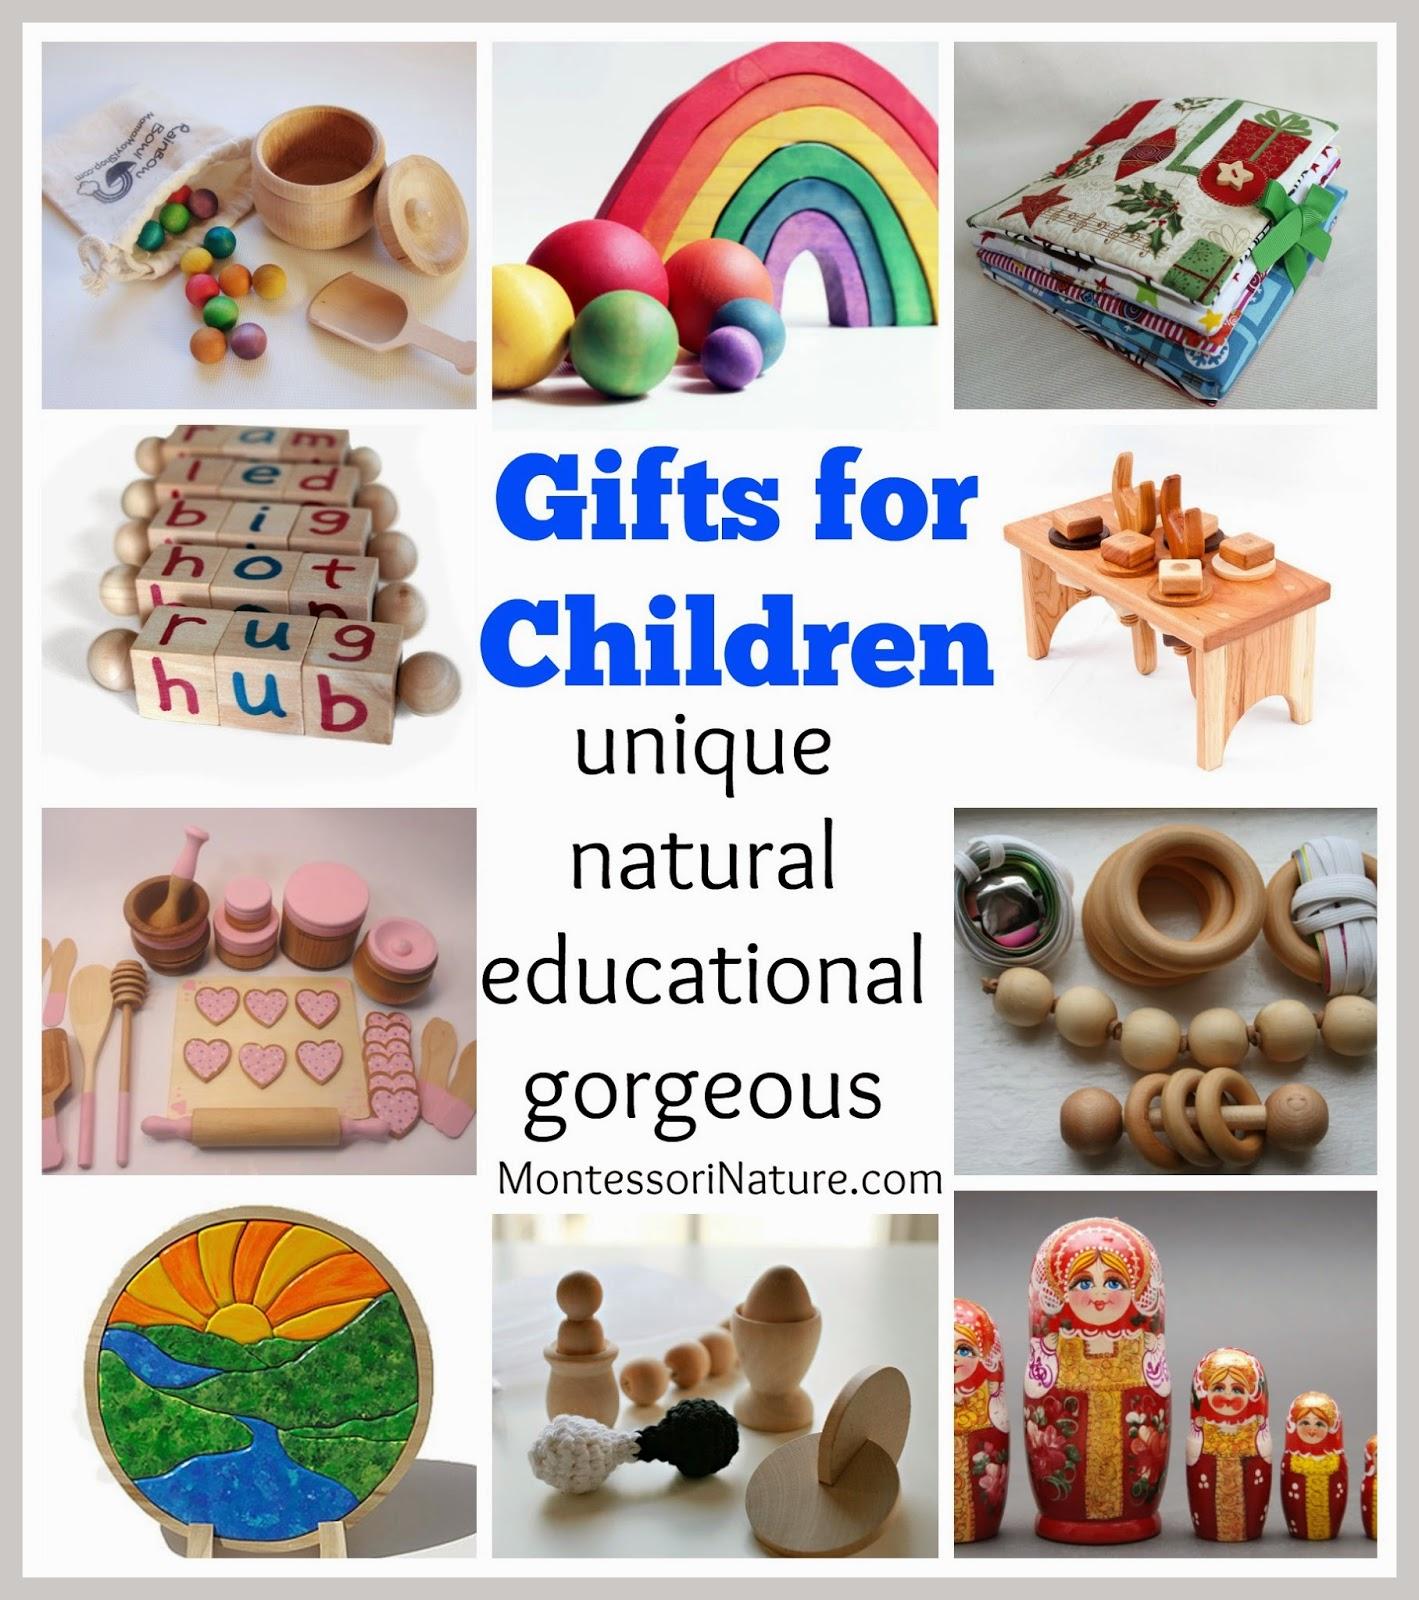 Unique Educational Toys : Gifts for children unique natural educational gorgeous